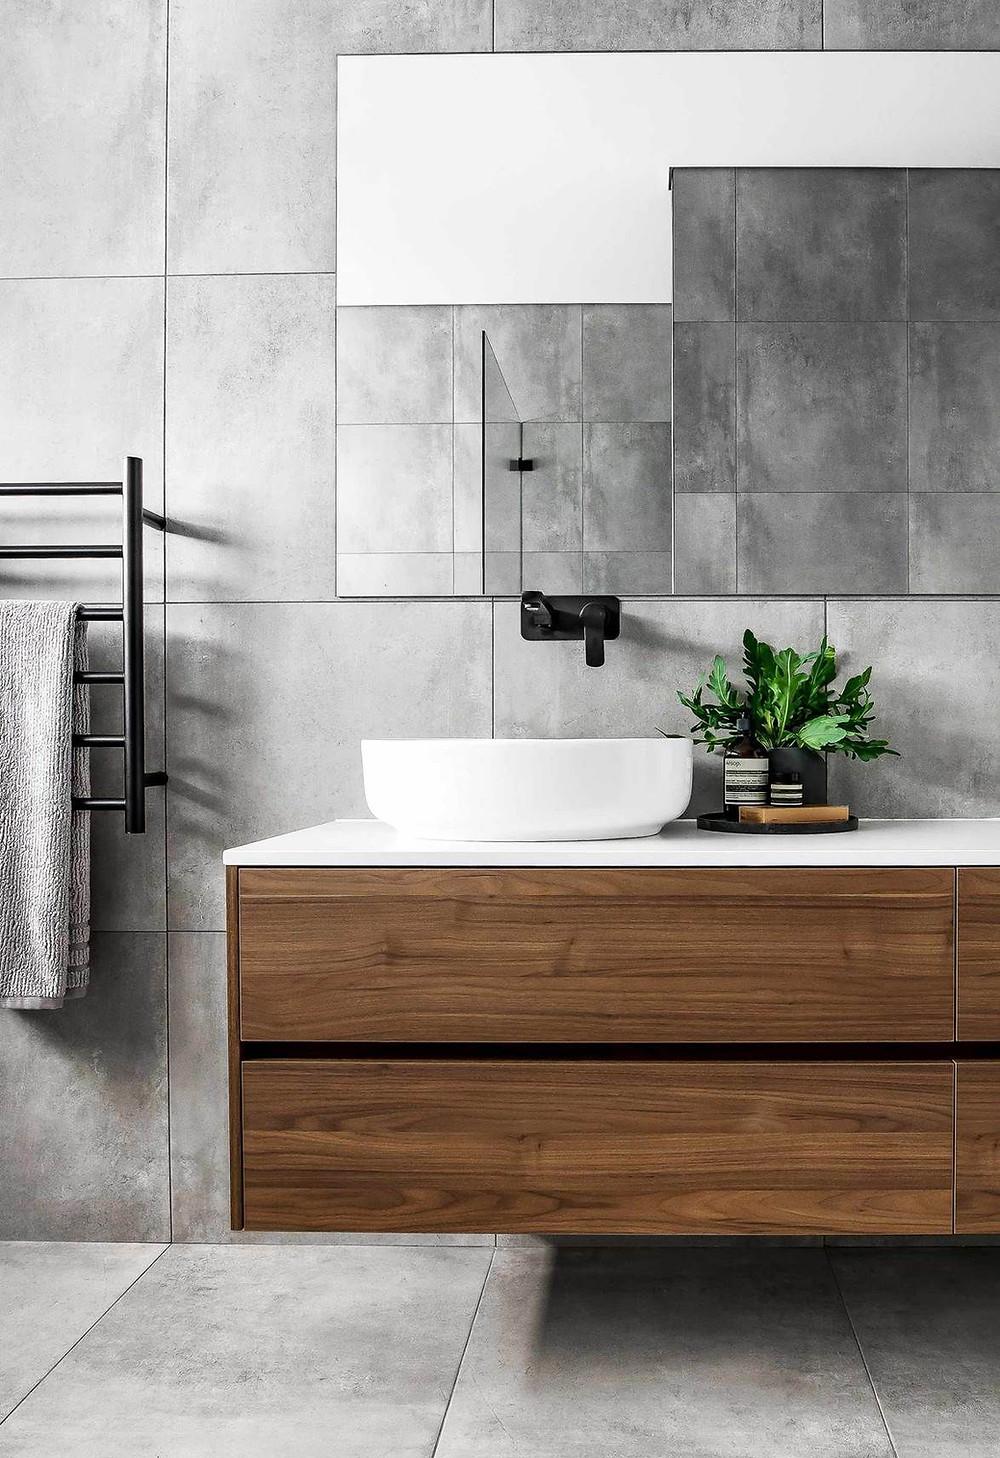 Betonlook tegels, noten houten badmeubel kast met waskom, zwarte kranen en grote spiegel van 80x120 cm.